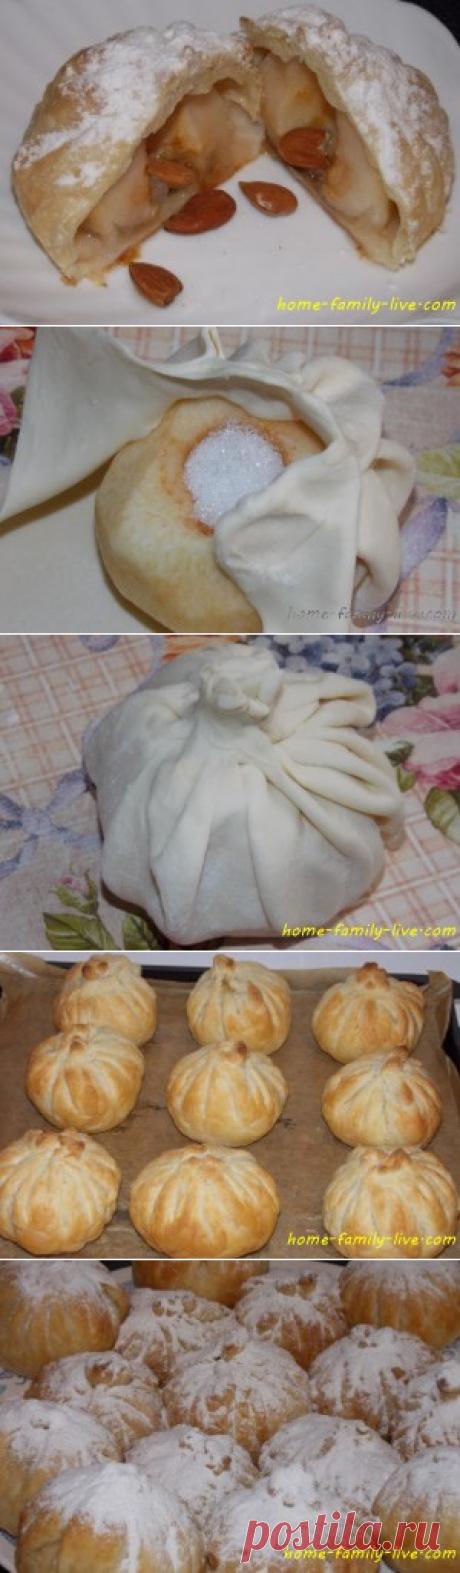 Слойка с яблоком/Сайт с пошаговыми рецептами с фото для тех кто любит готовить